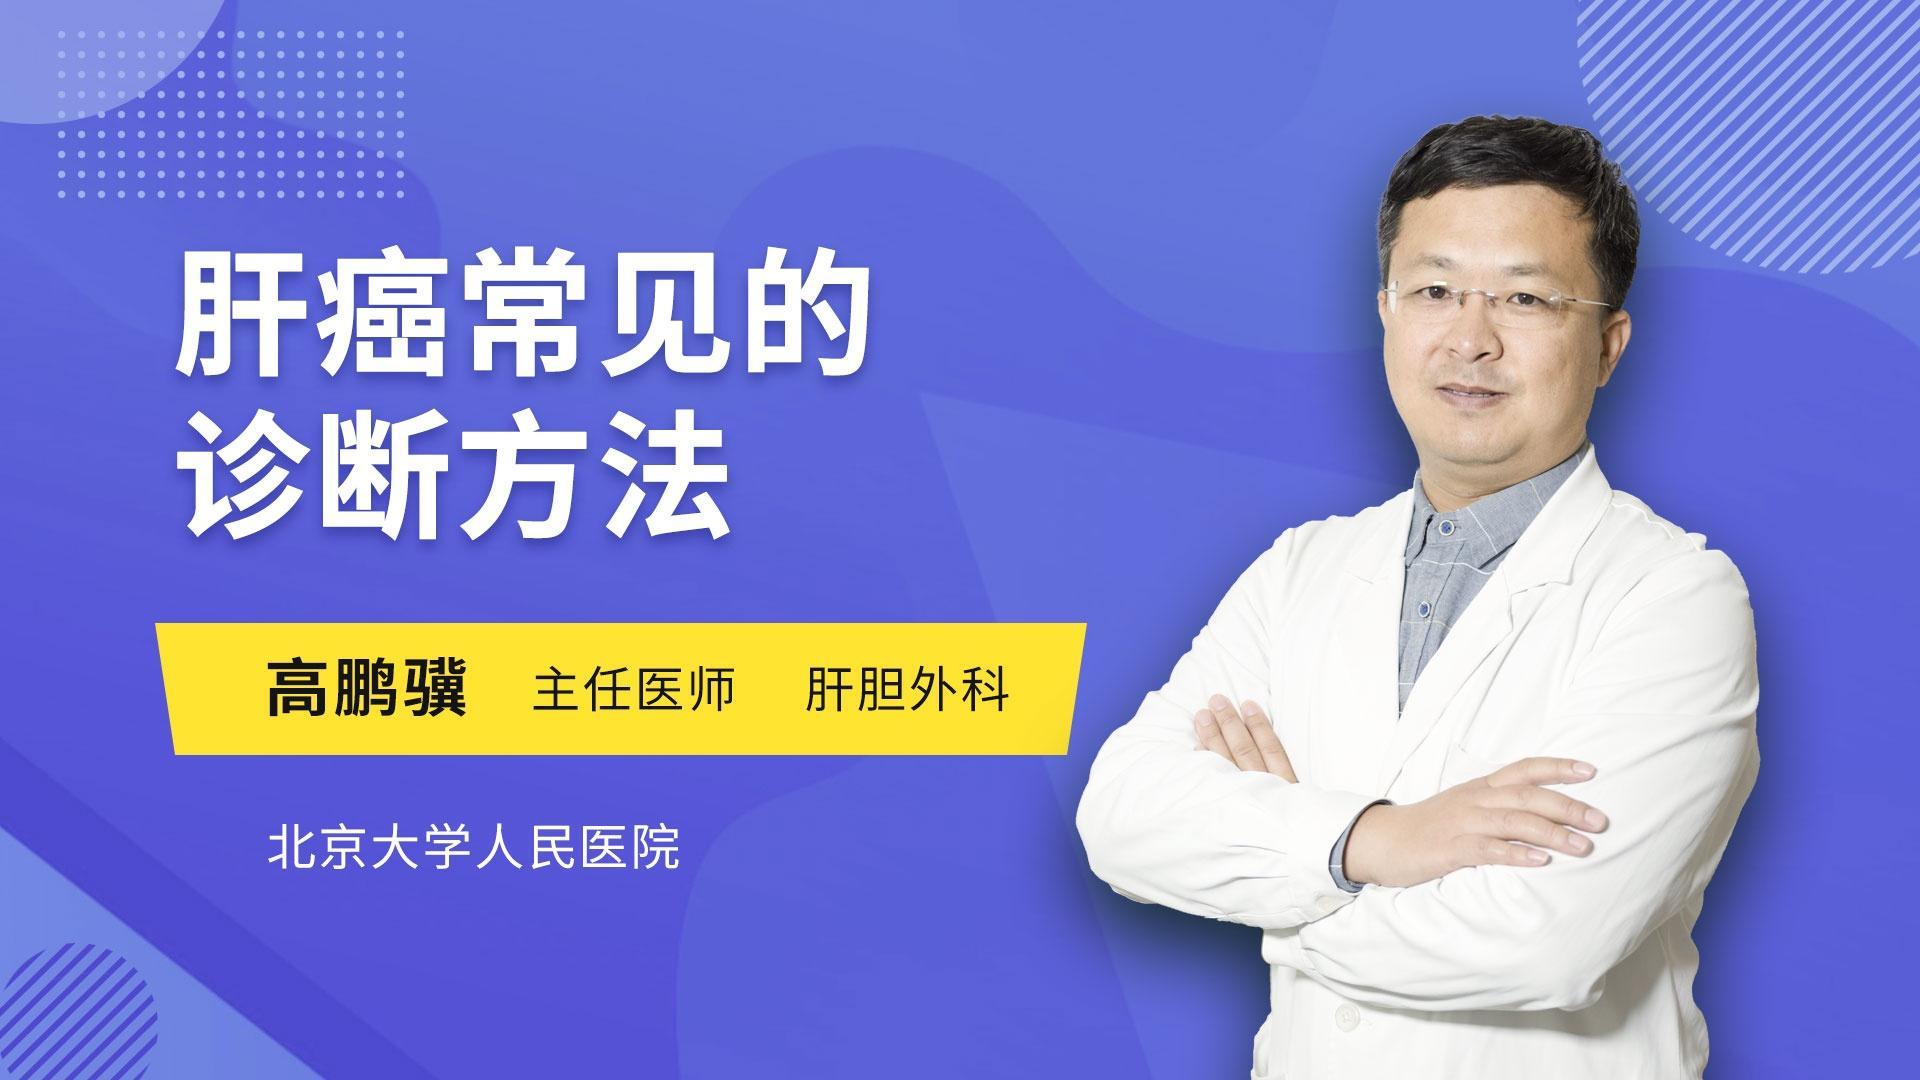 肝癌常见的诊断方法